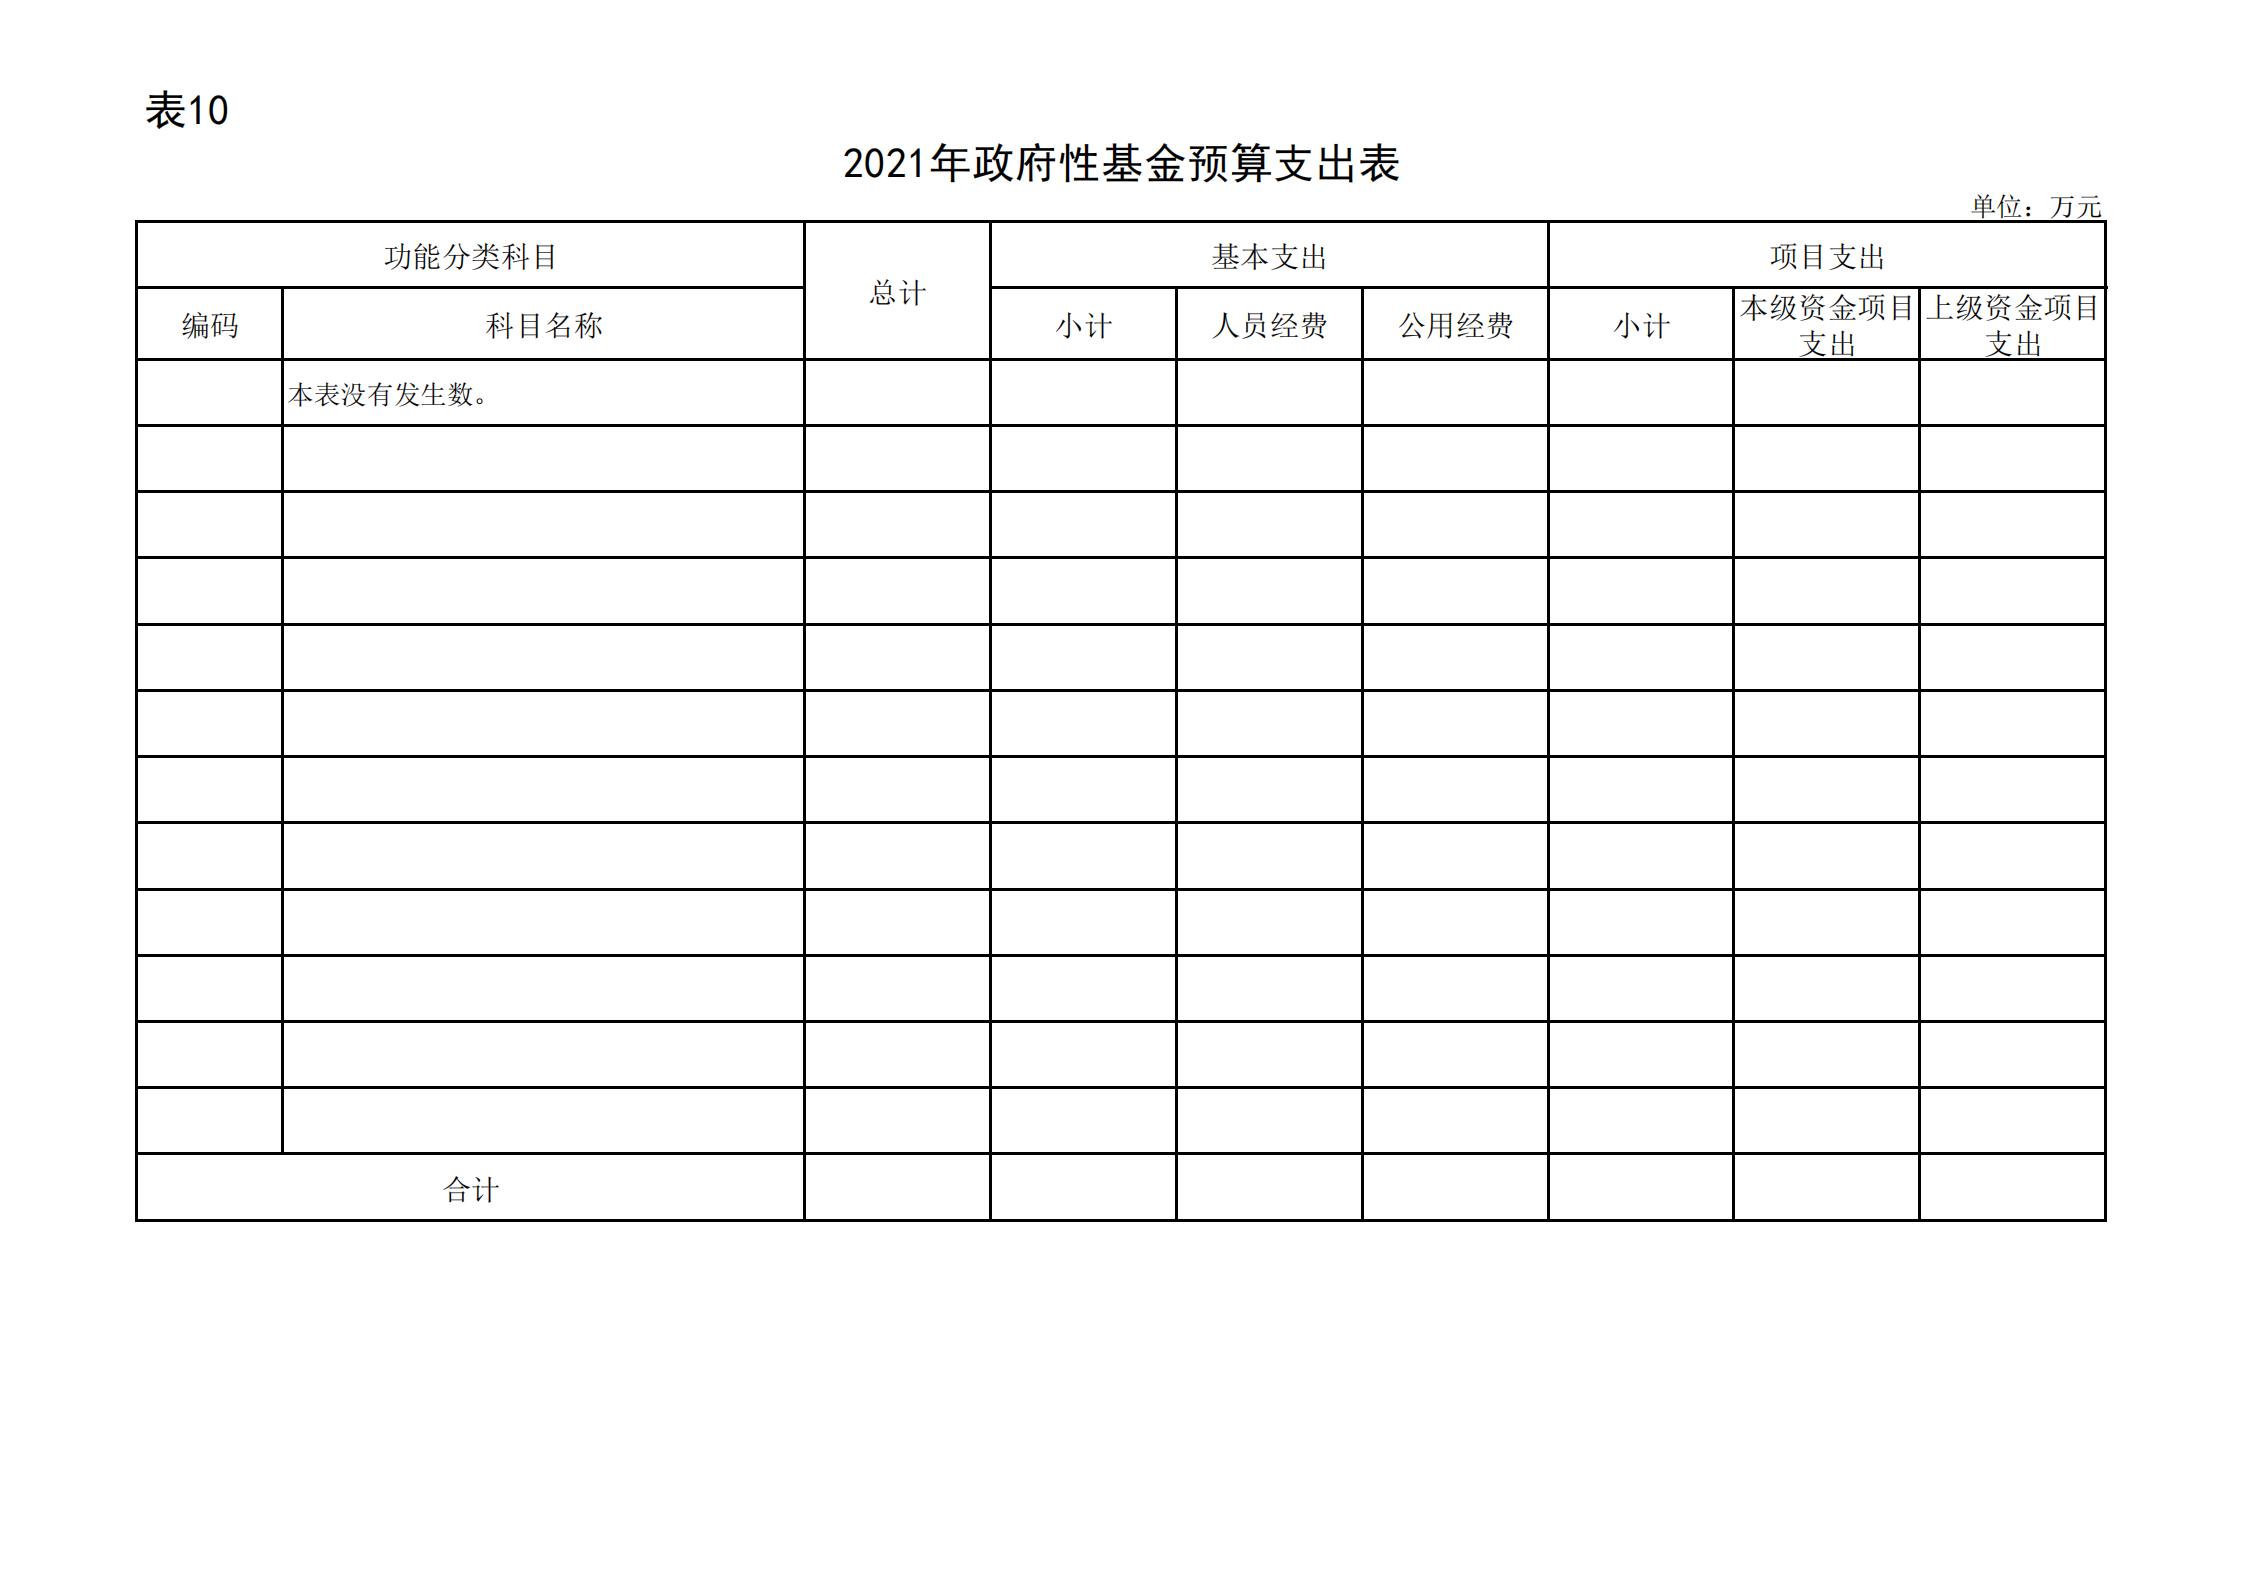 """共青团贵阳市委(本级)2021年度市级部门预算、""""三公""""经费预算公开说明(1)_23.png"""